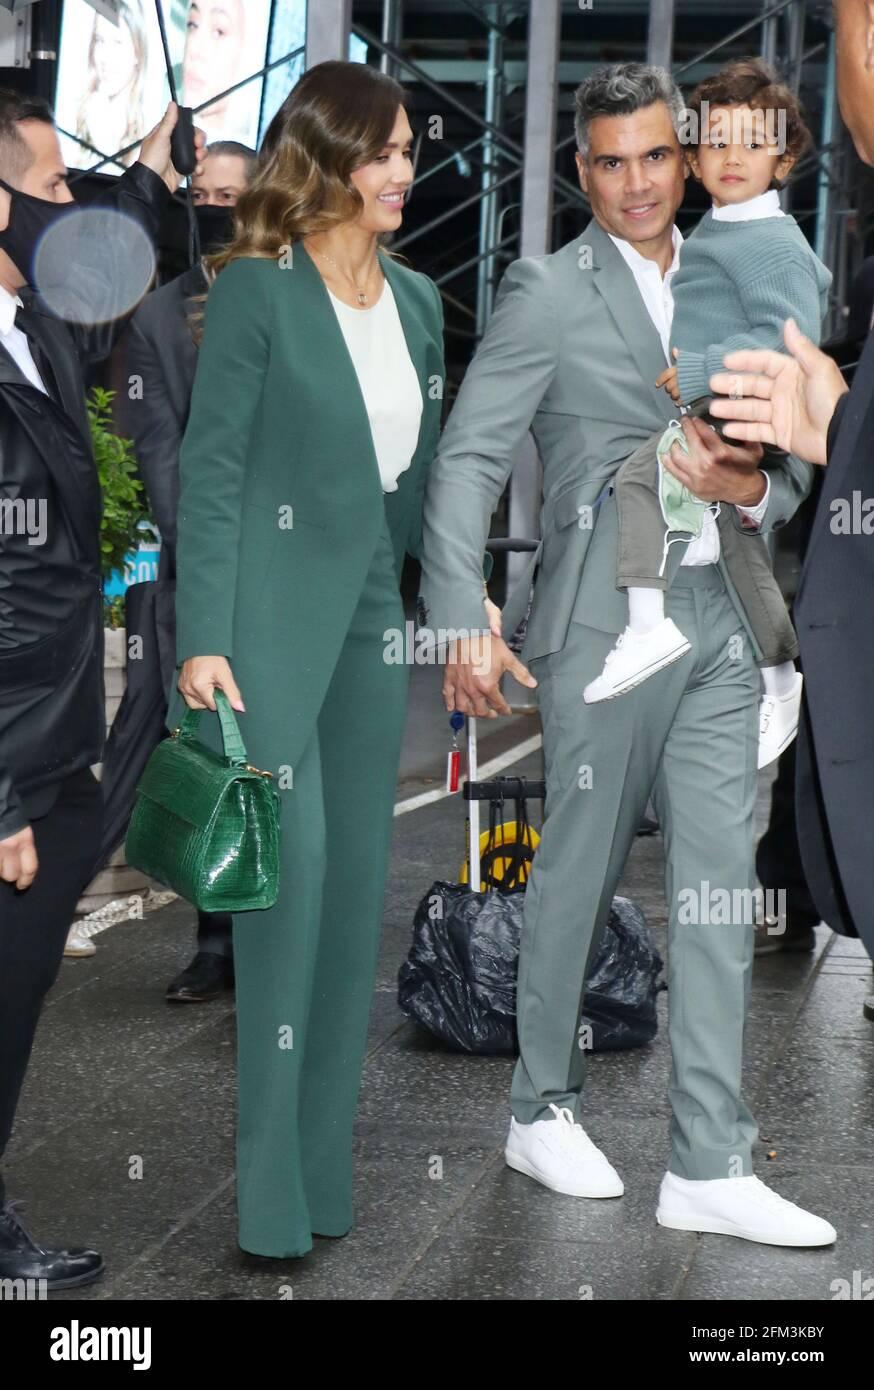 New York, NY, États-Unis. 5 mai 2021. Cash Warren avec Jessica Alba et Hayes Warren photographiés pour sonner la cloche d'ouverture à Nasdaq à New York le 05 mai 2021. Crédit : RW/Media Punch/Alamy Live News Banque D'Images